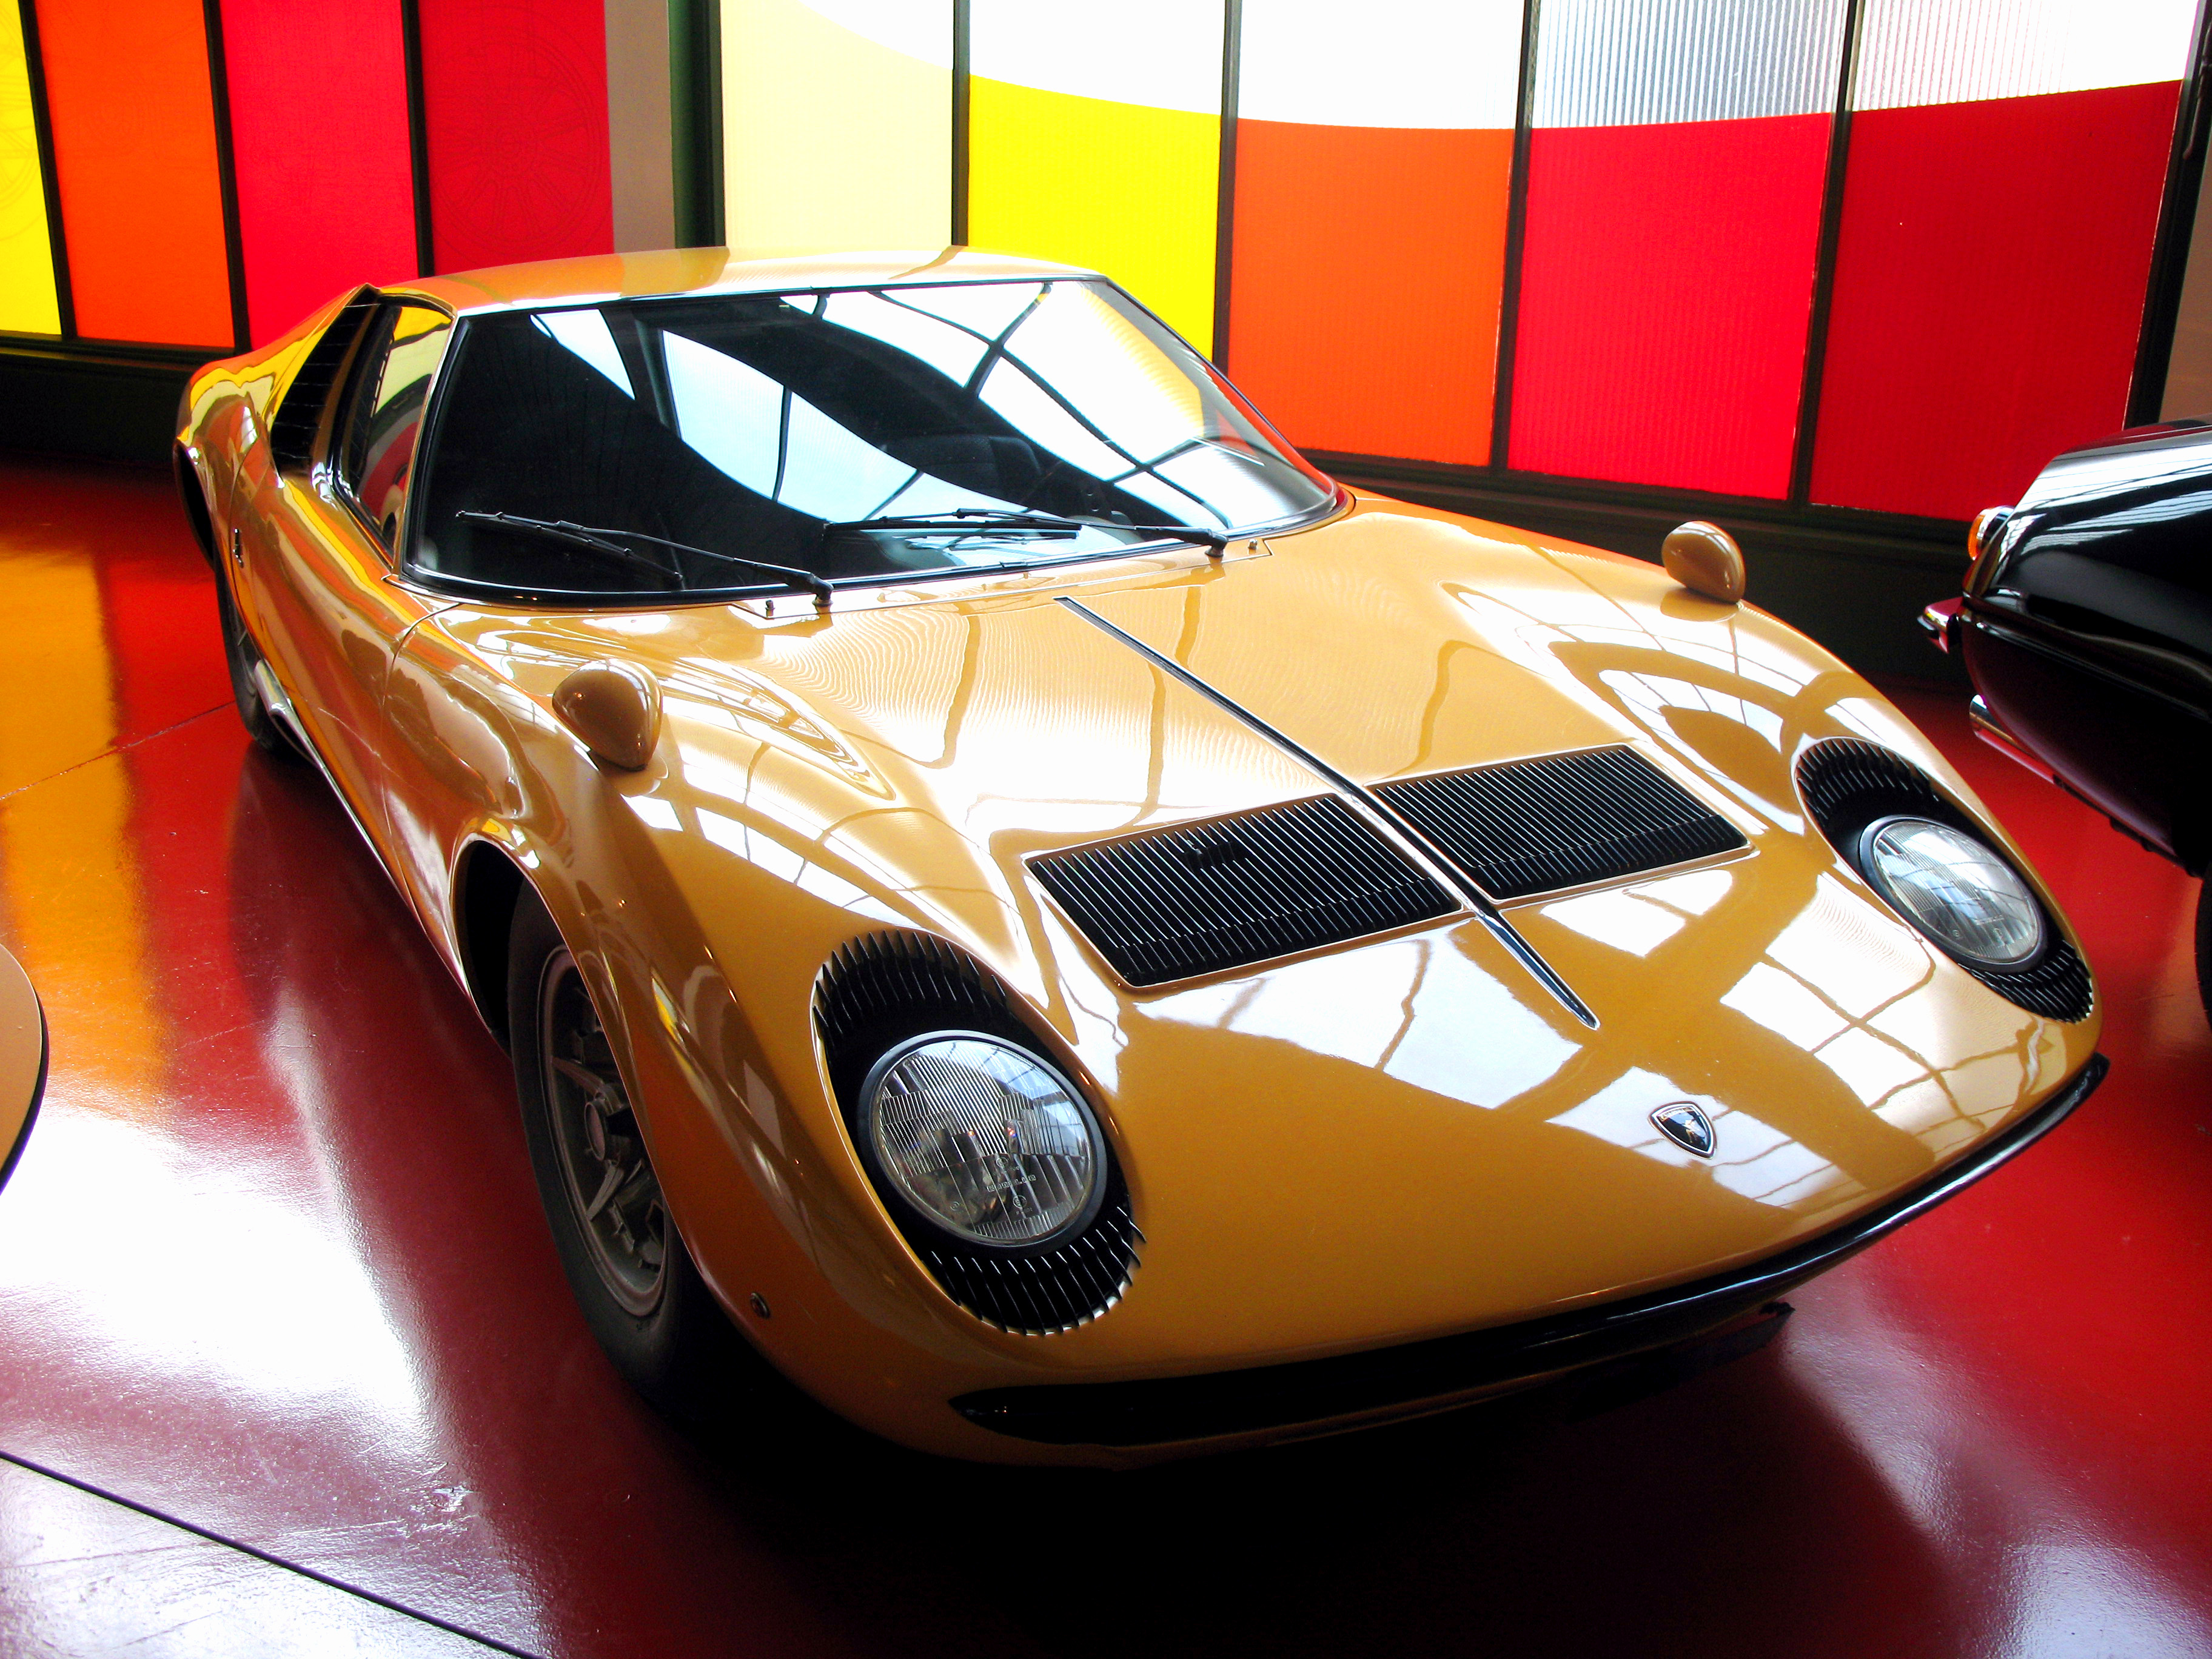 6274_-_Luzern_-_Verkehrshaus_-_Lamborghini_Miura.JPG